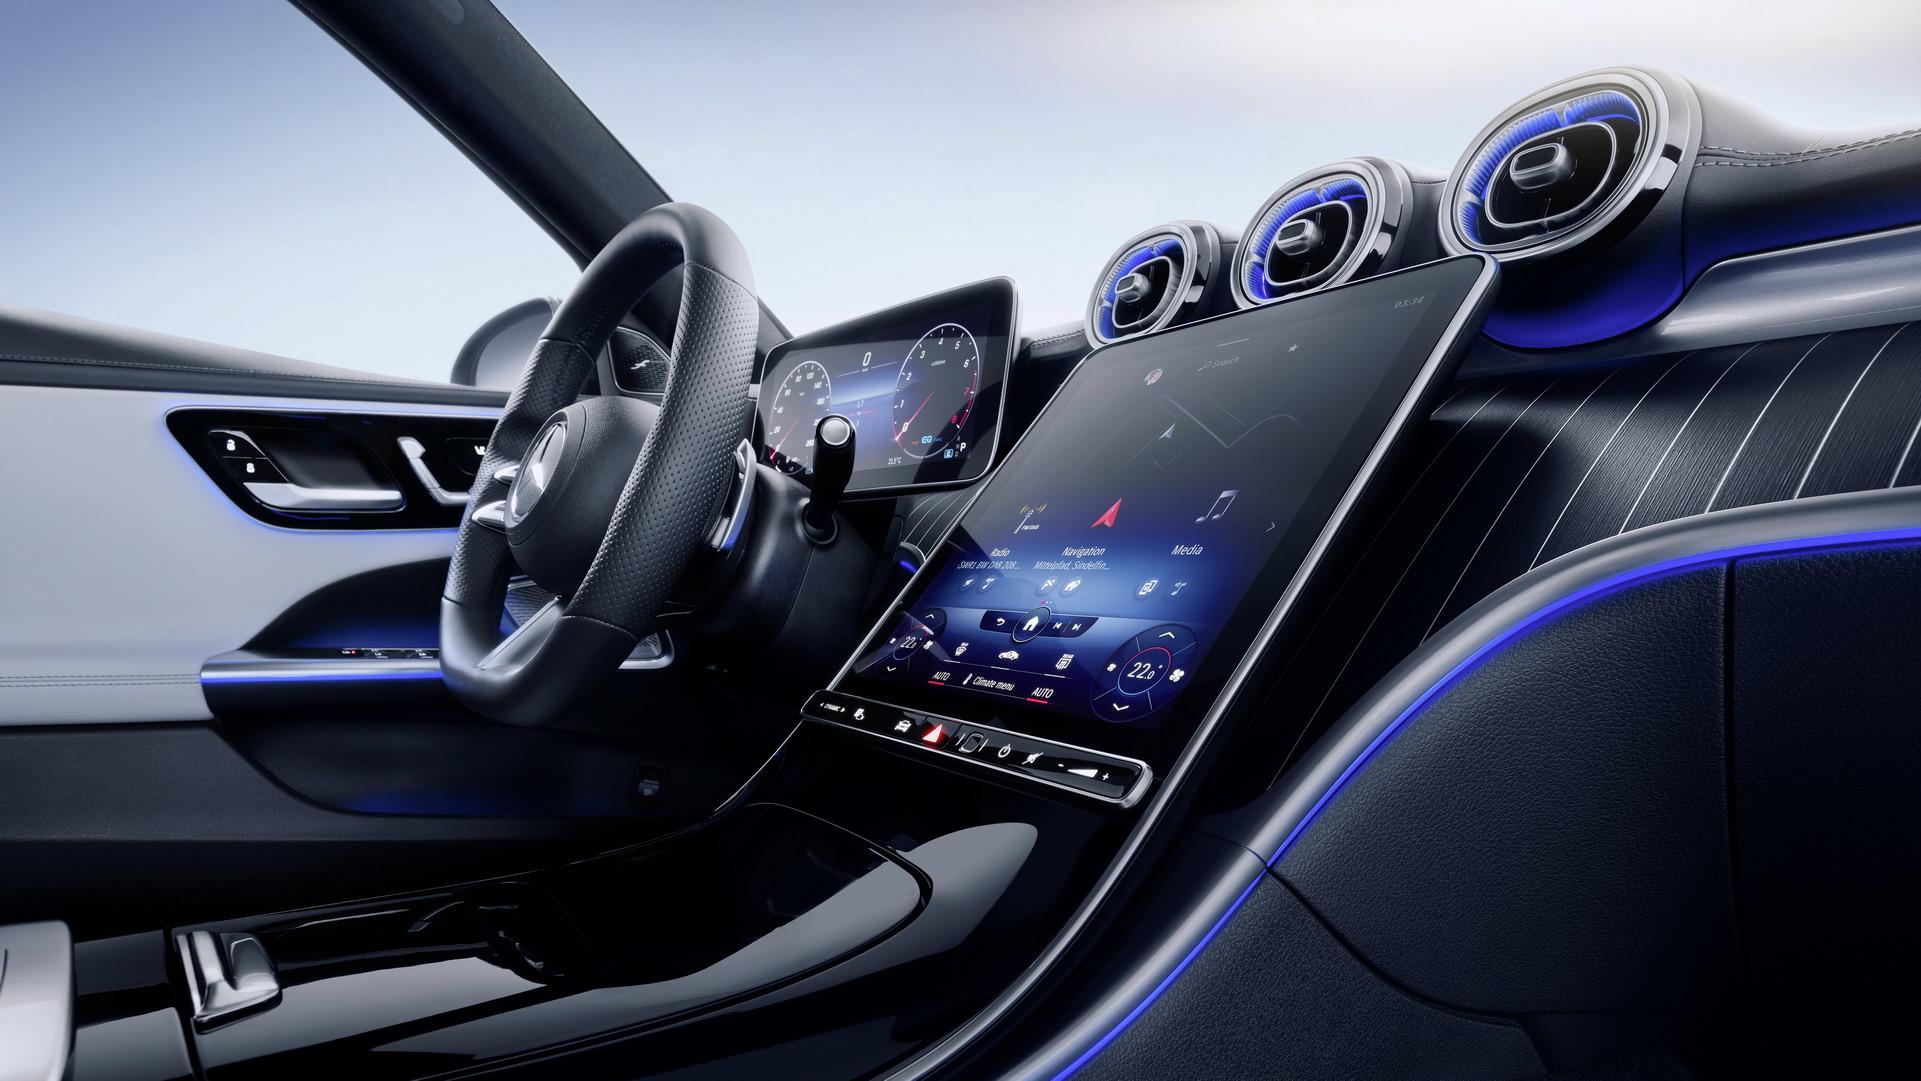 Tất tần tật về Mercedes Benz C Class 2022 - Màn hình như S Class